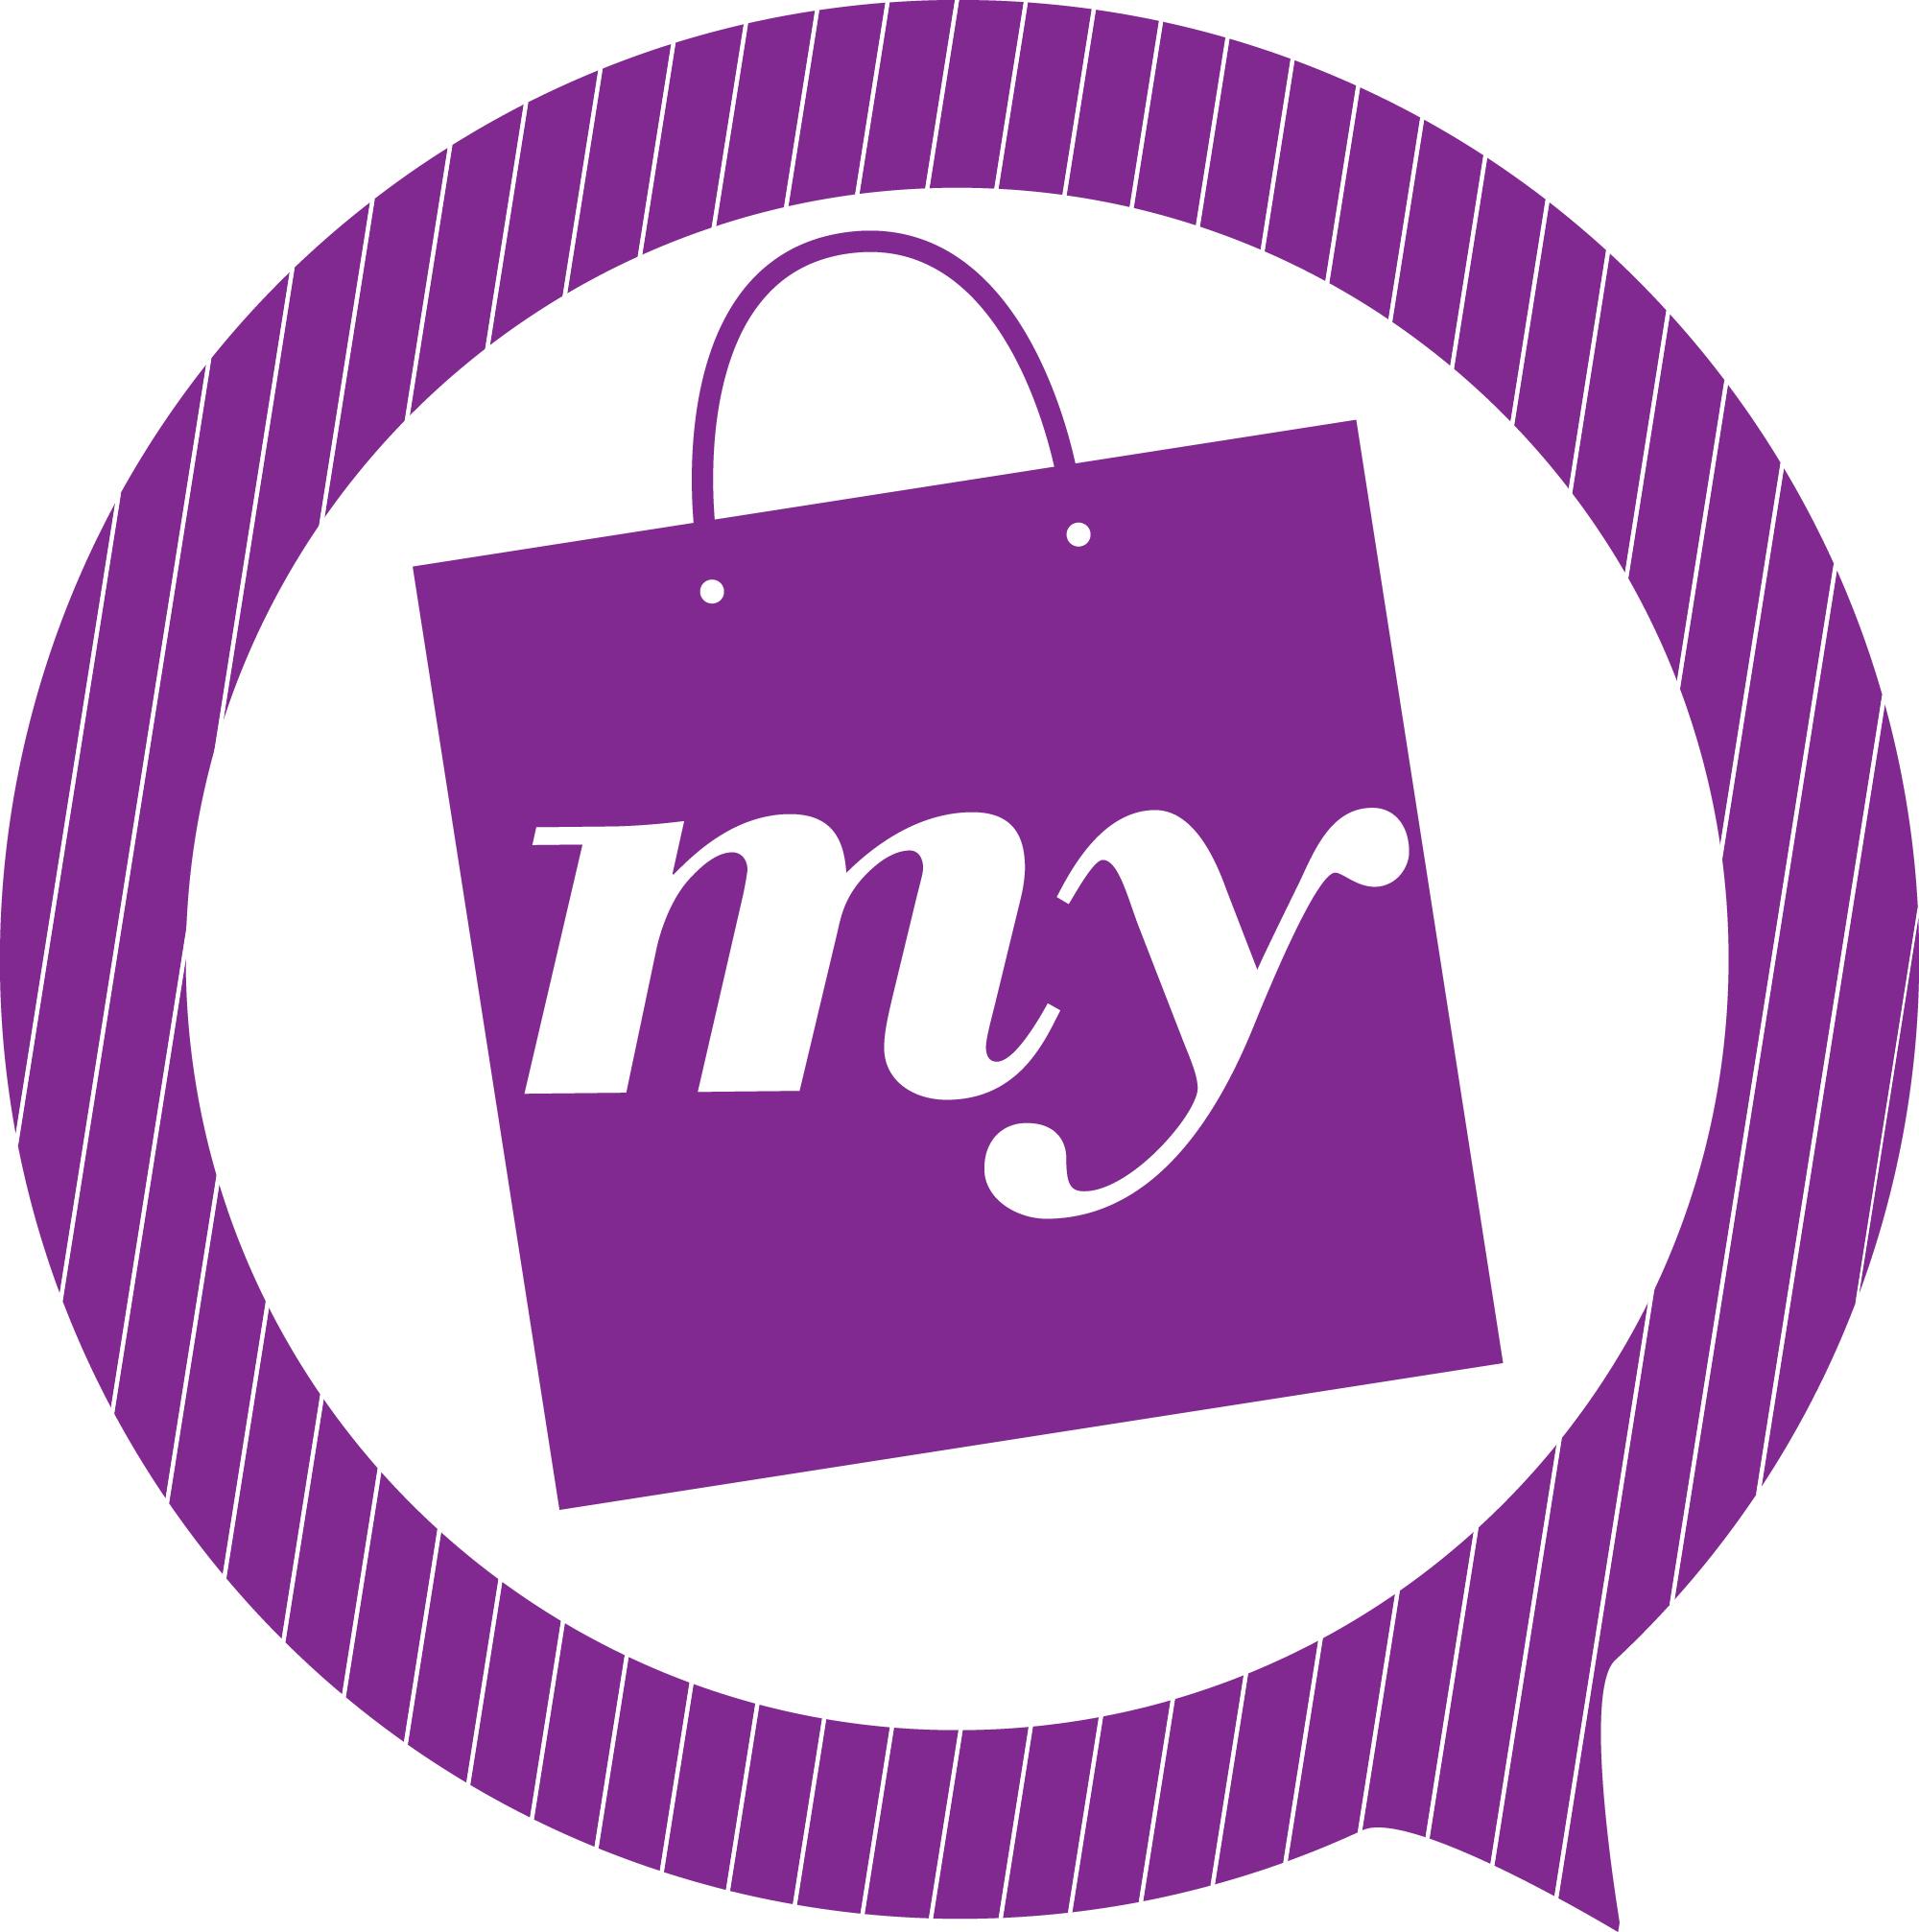 myStyleSpotHunter zeigt euch die coolsten StyleSpots der Stadt